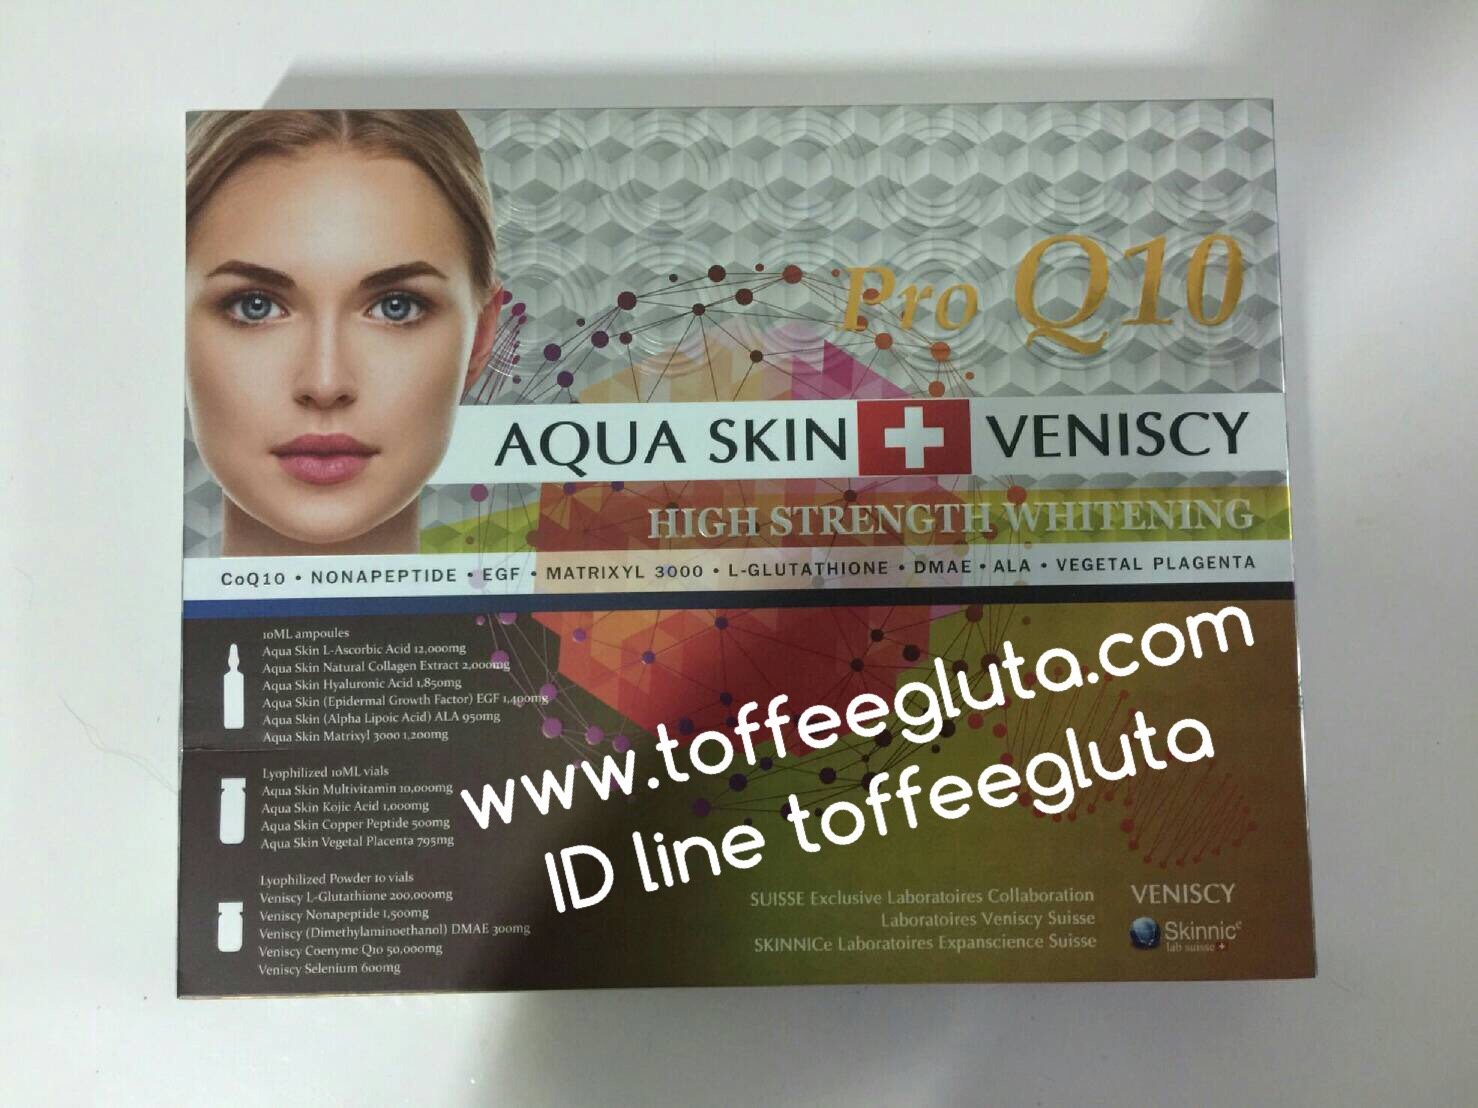 Aquaskin Veniscy Pro Q10